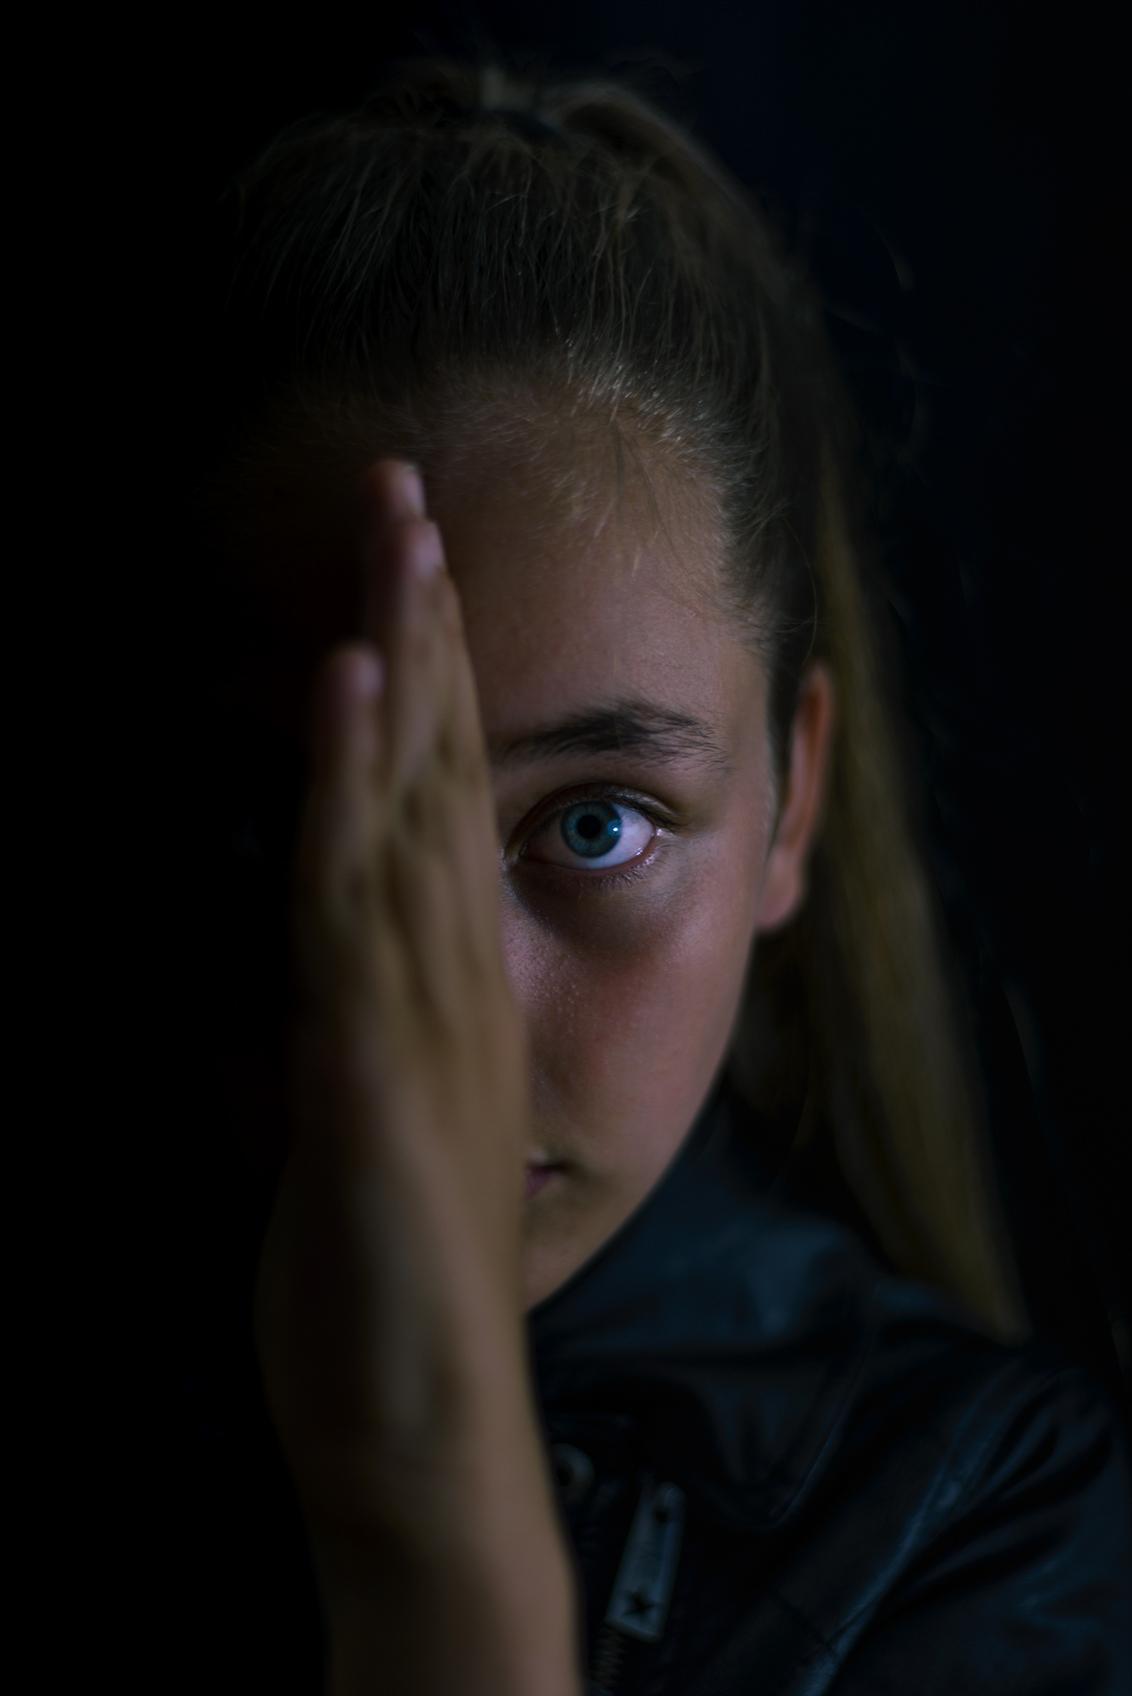 The Darkside - Lowkey  model: Lisa - foto door Kwibes op 15-06-2017 - deze foto bevat: vrouw, donker, licht, portret, schaduw, model, flits, ogen, meisje, beauty, emotie, studio, closeup, fotoshoot, lowkey, 50mm